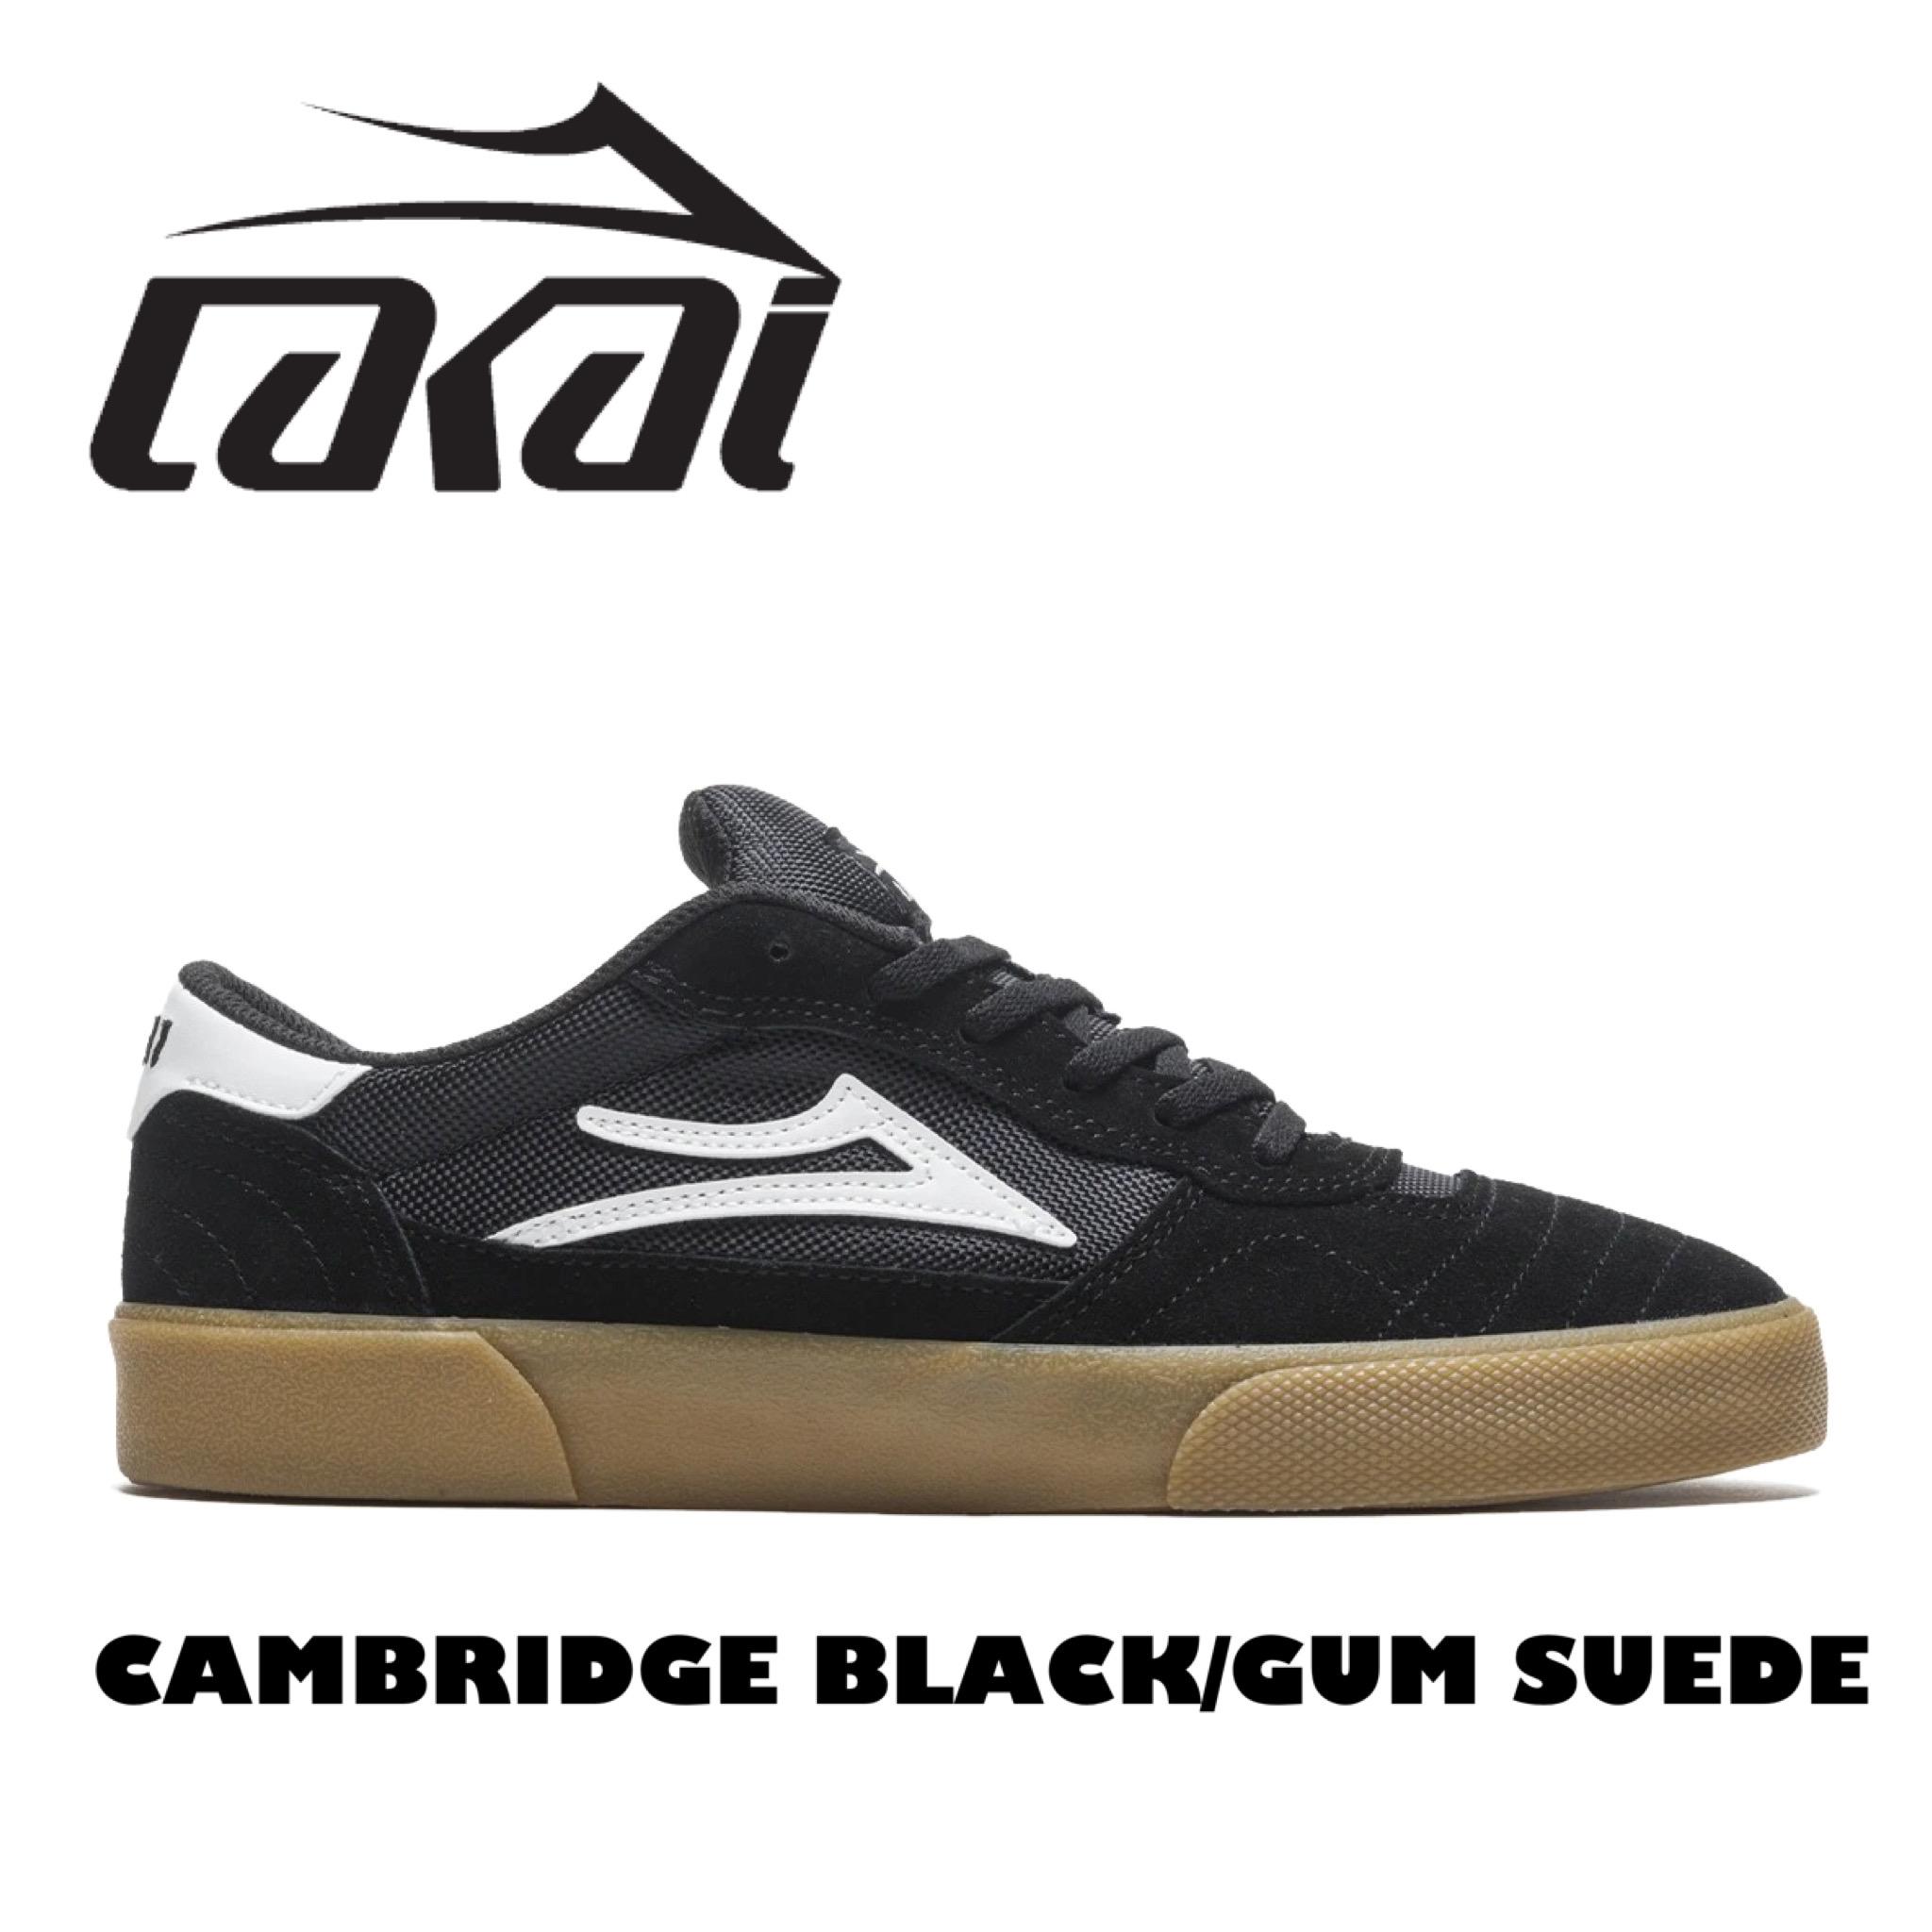 LAKAI CAMBRIDGE BLACK GUM SUEDE ラカイ ケンブリッジ 流行のアイテム ブラック×ガム スウェード 低価格 スケートシューズ ローカットくつ レディース キッズ スエードスケートボードシューズ スケシュー メンズ 靴 スケボー